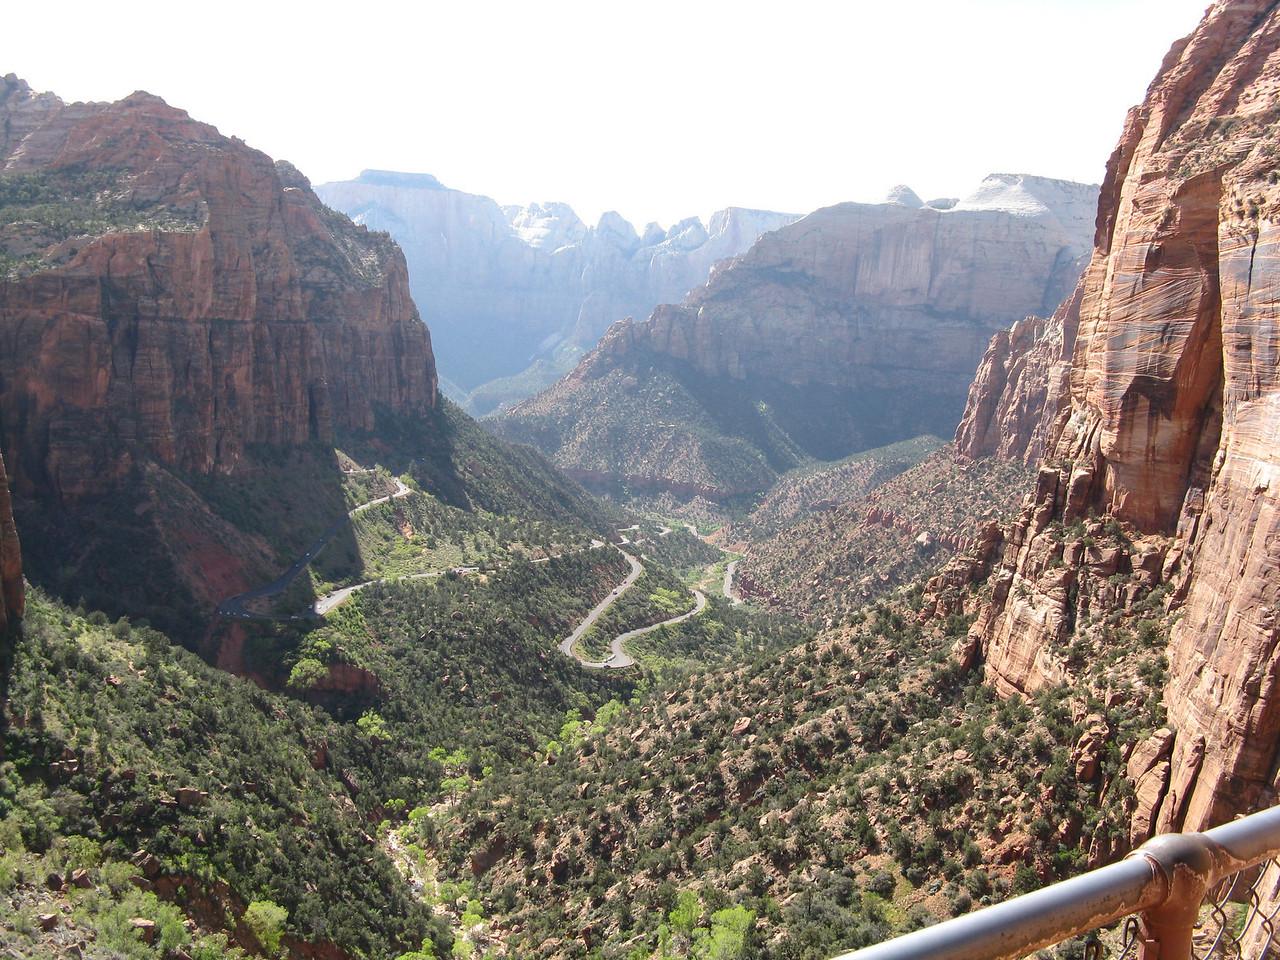 2011-04-21 Canyon Overlook 030